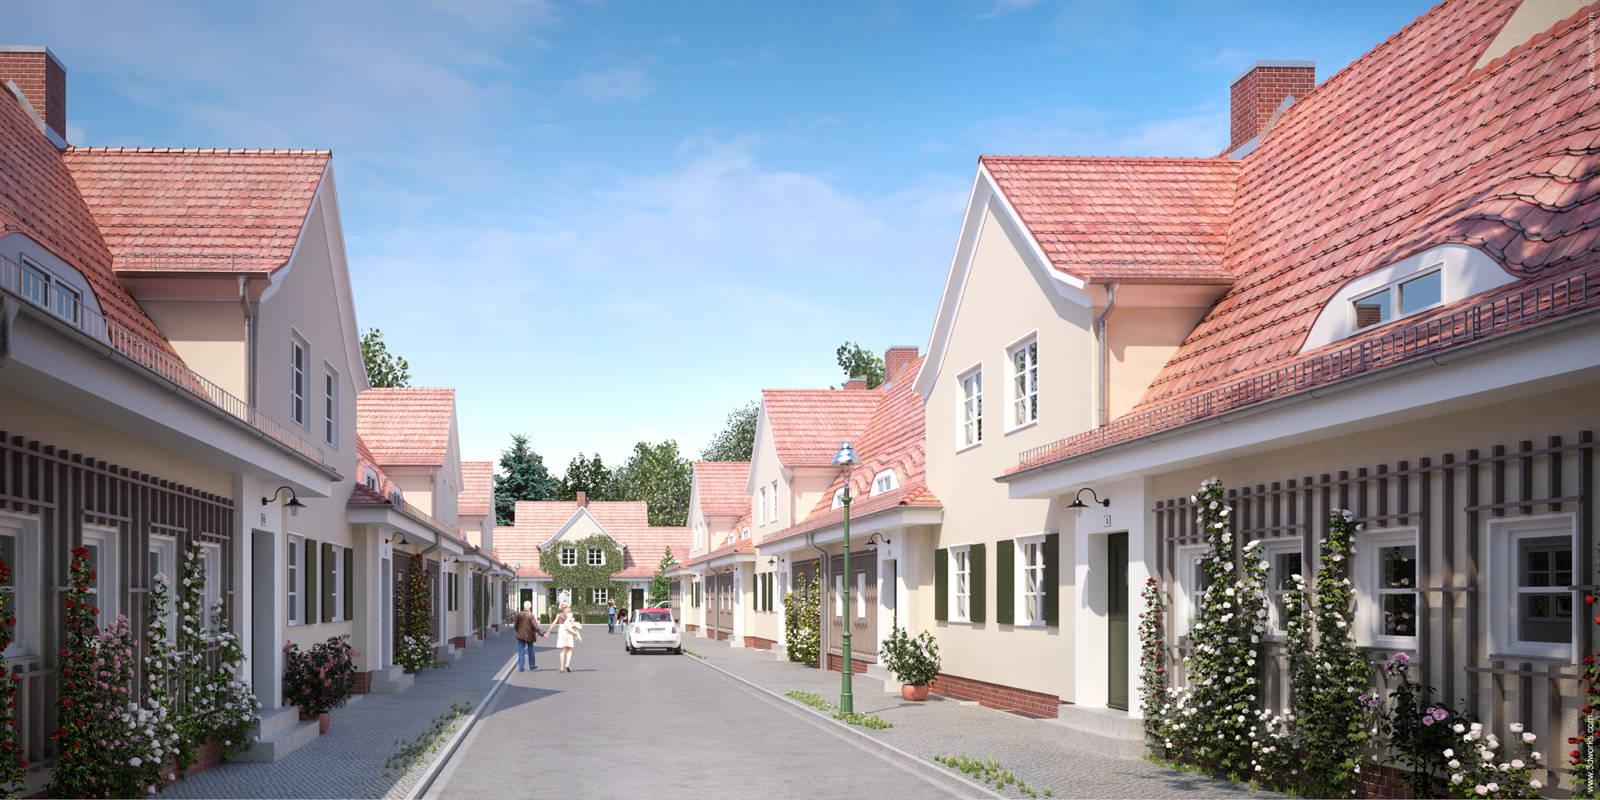 Architekturvisualisierung, Modernisierung einer Siedlung in Berlin, Visualisierung